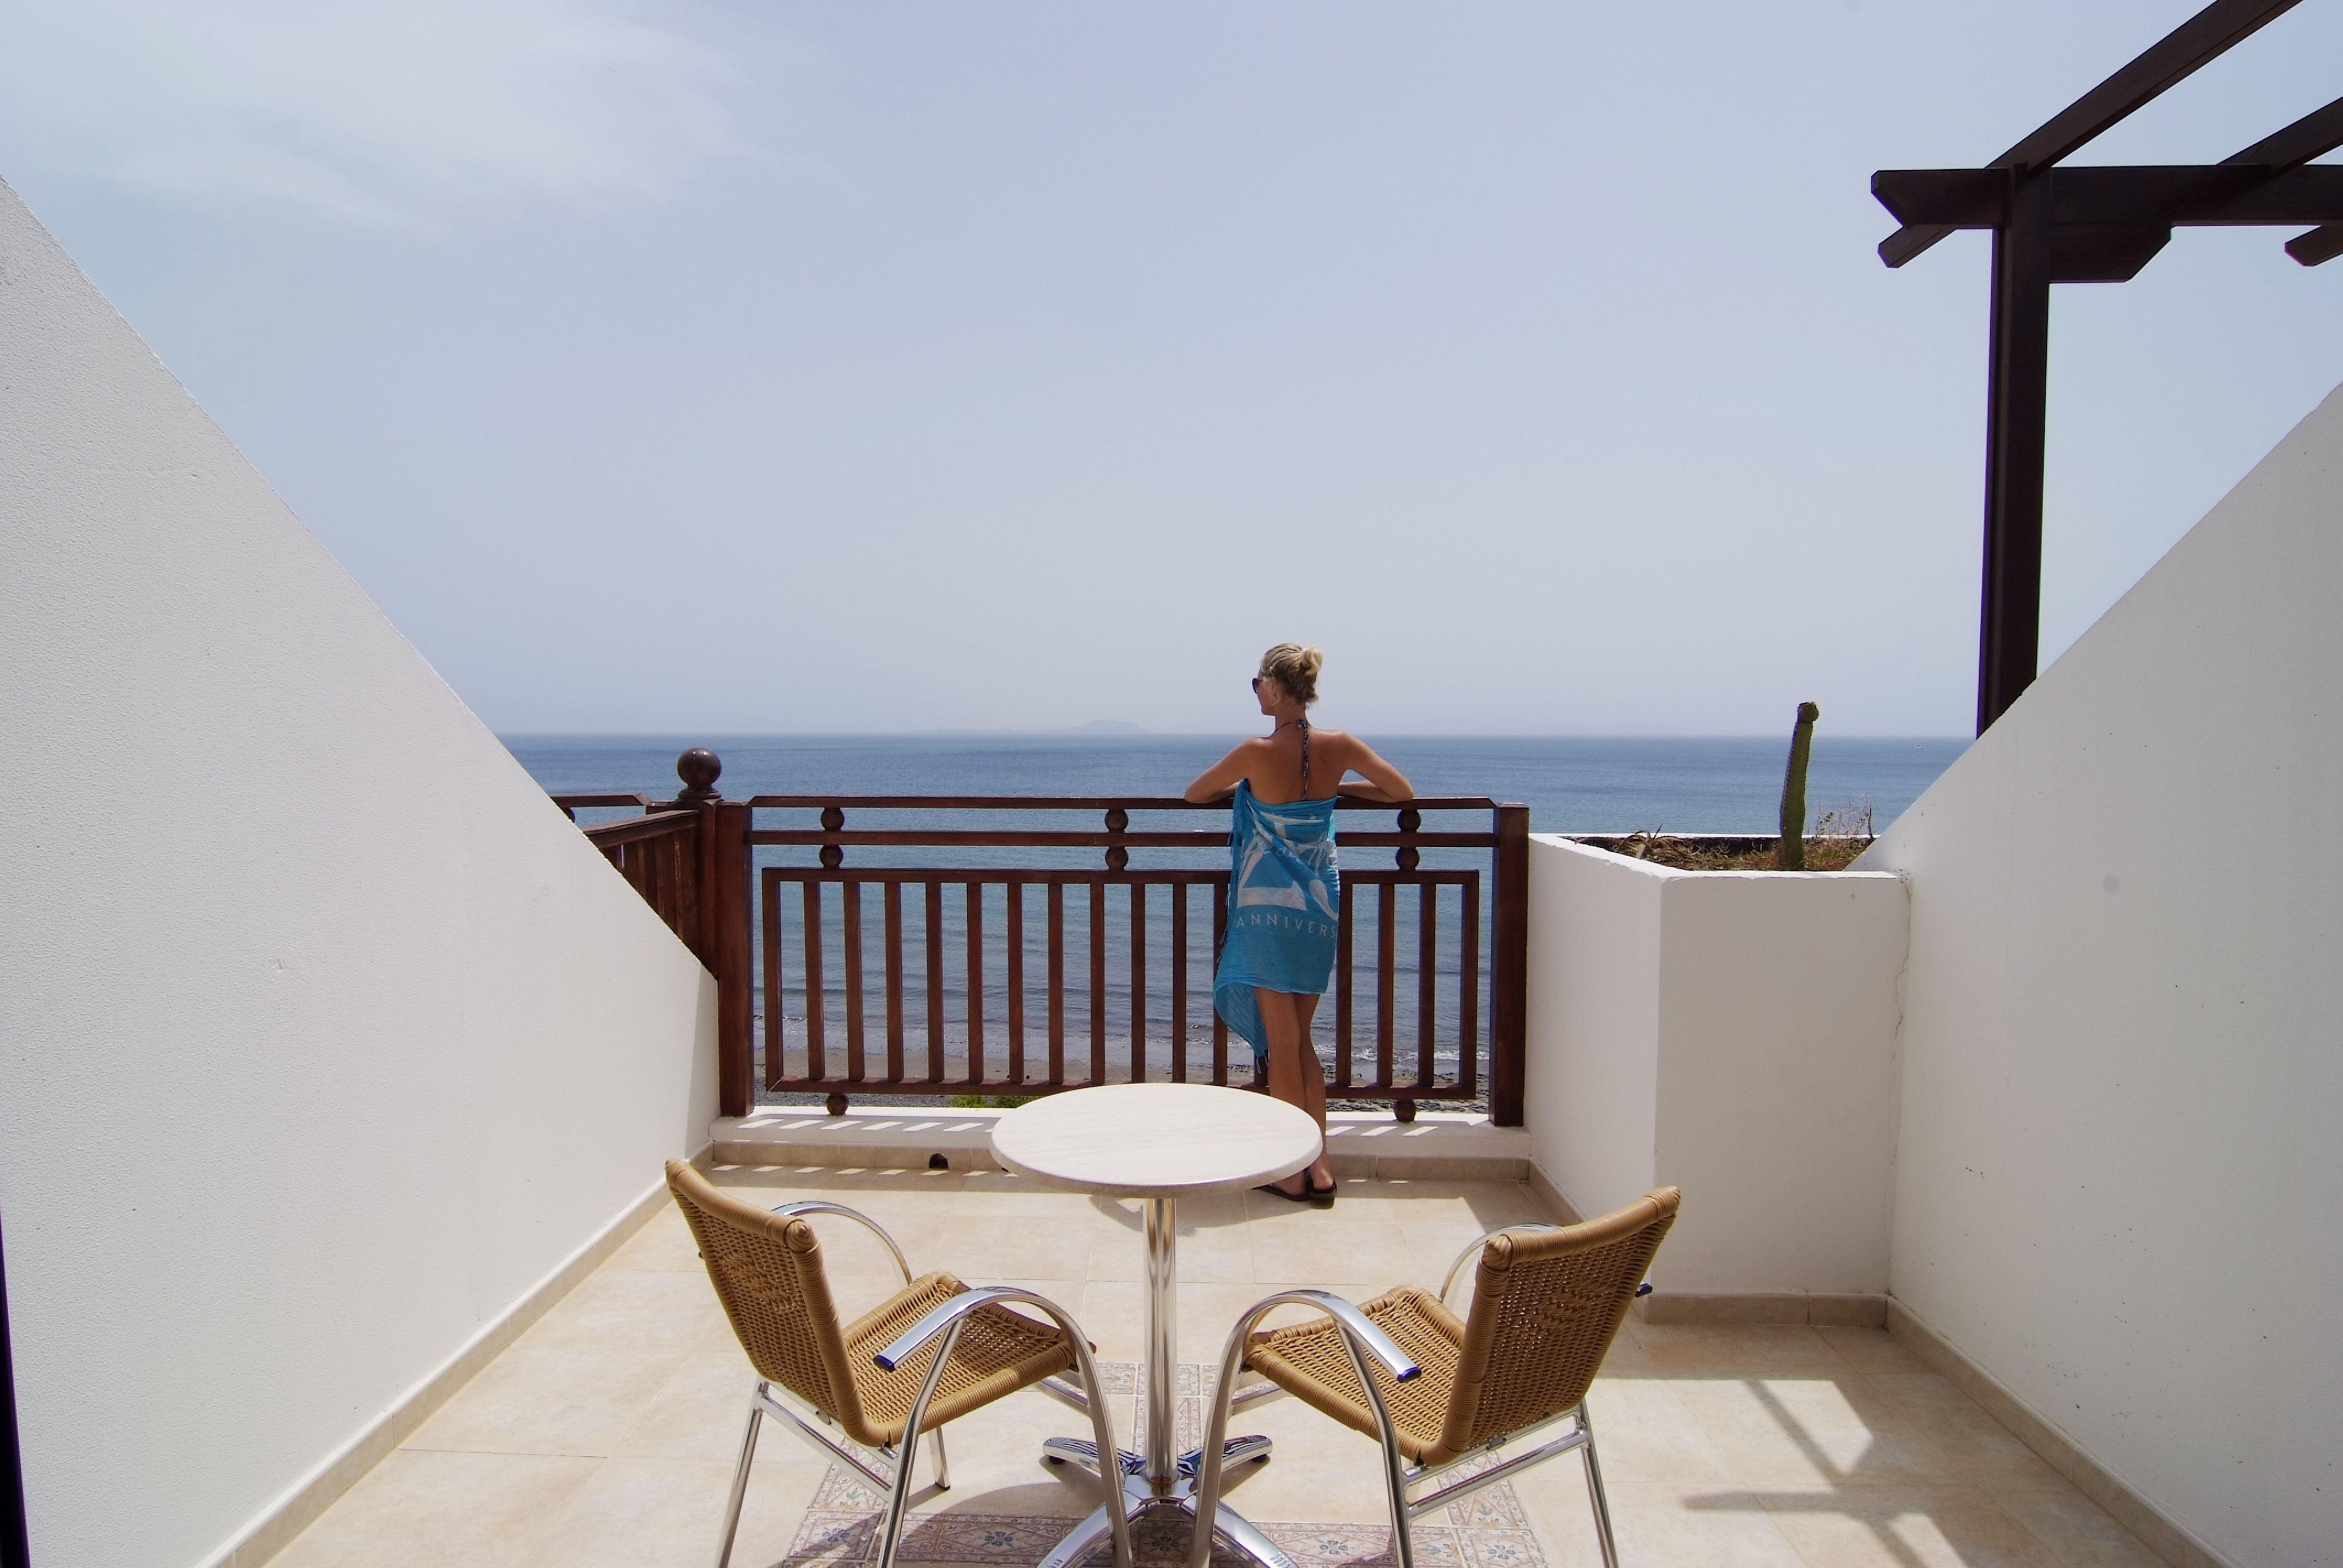 Utsikt över havet från rum på Hotell Sandos Papagayo Beach Resort, Playa Blanca Lanzarote